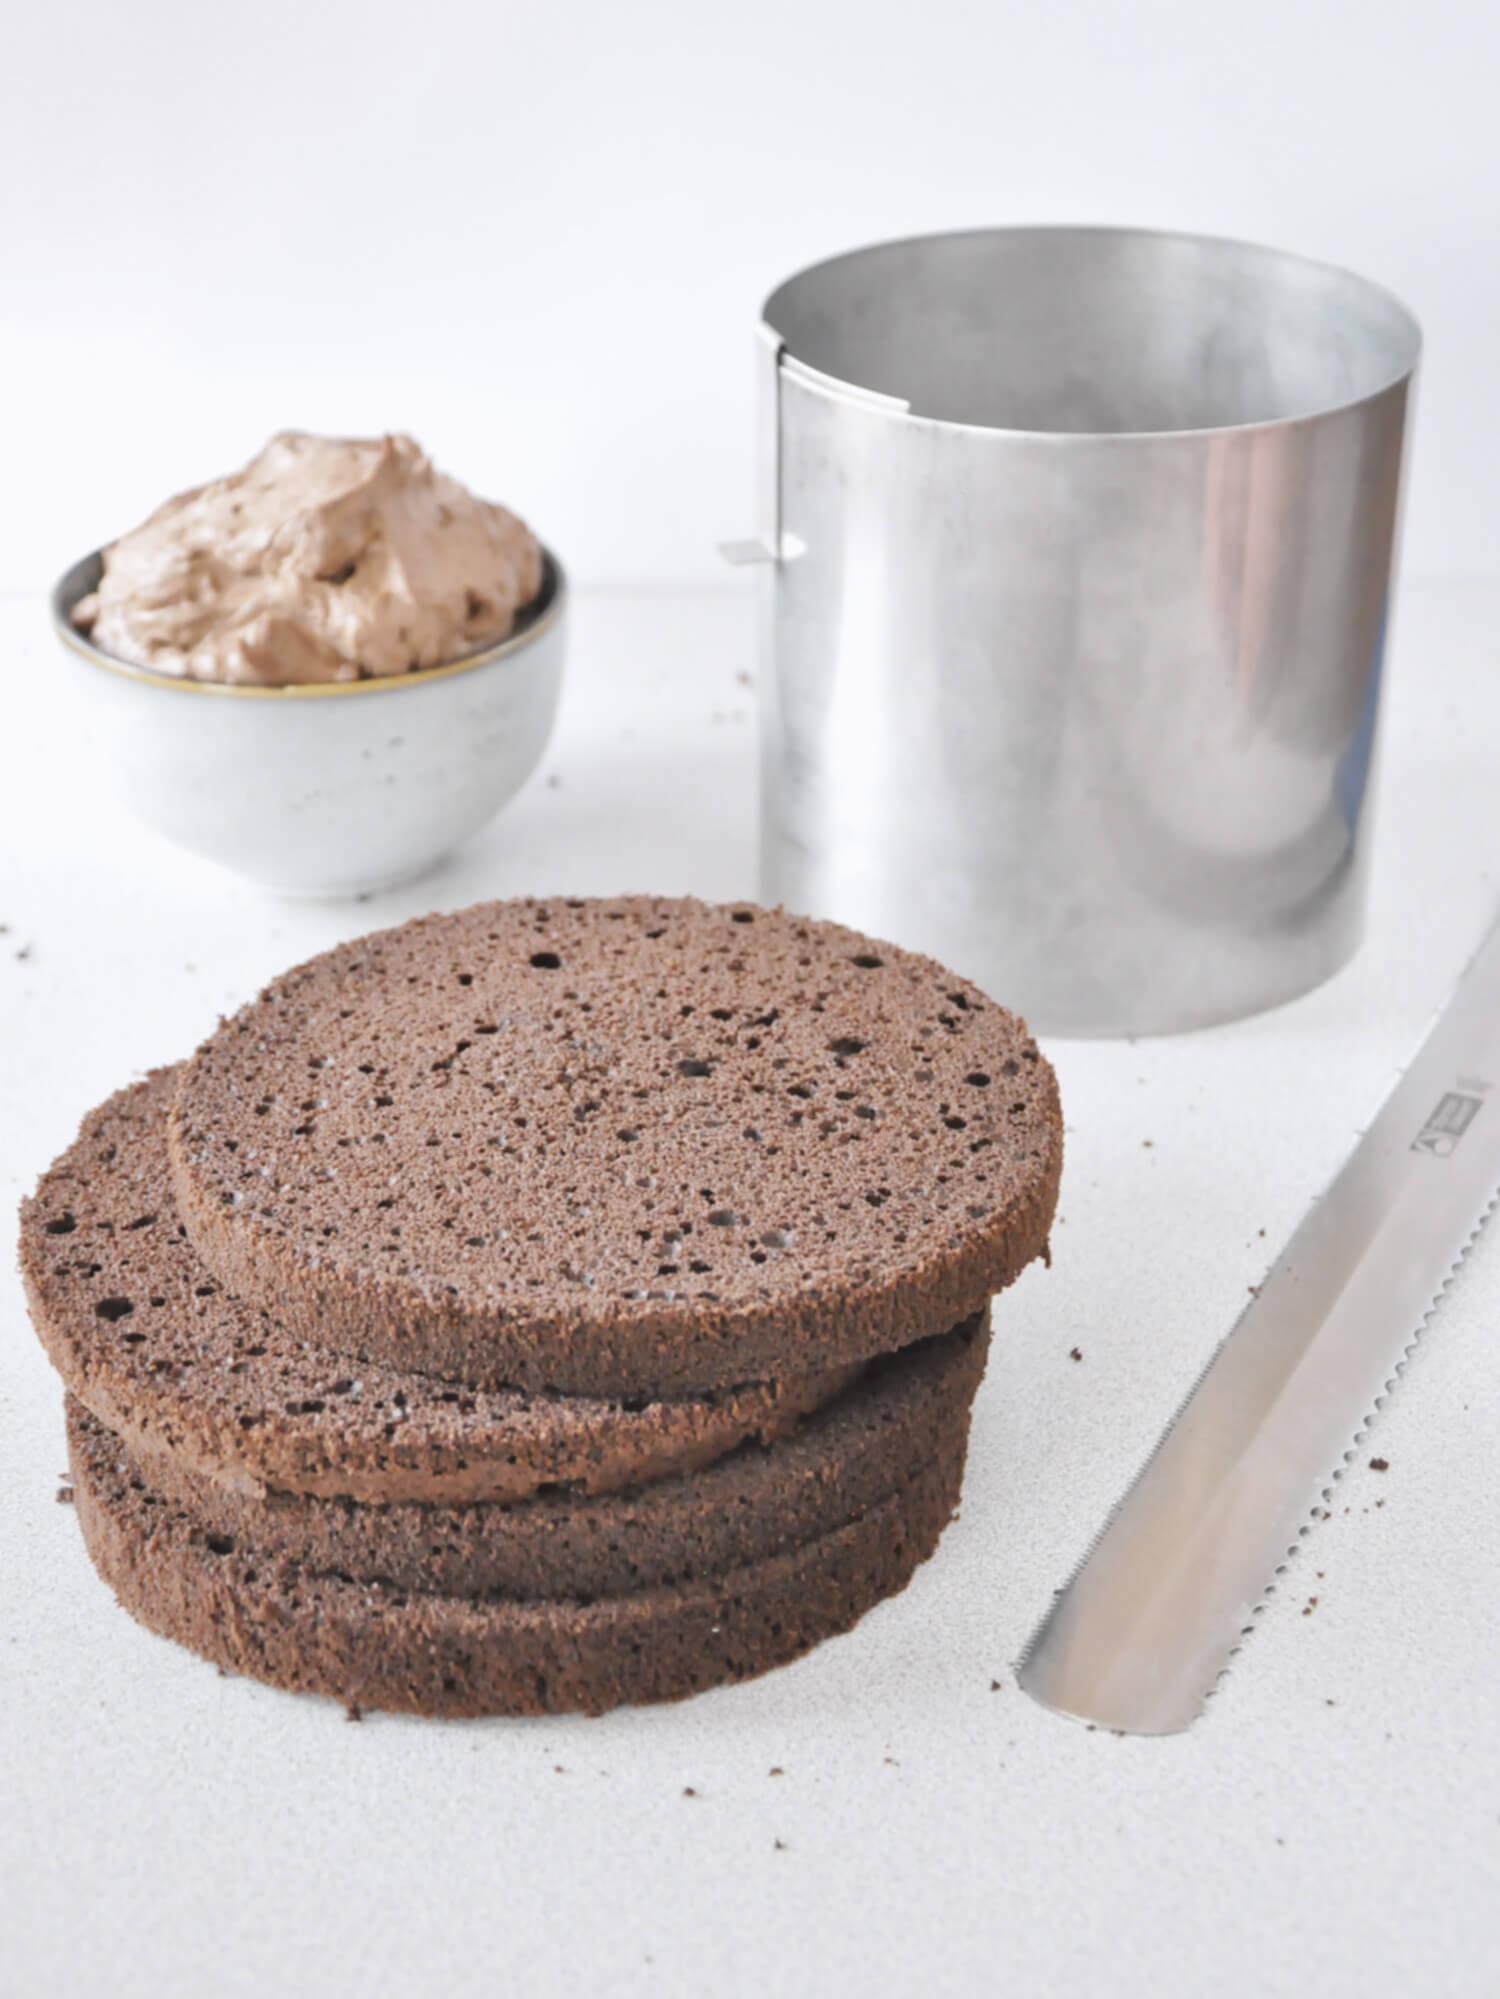 Jak złożyć idealnie prosty tort? Składanie tortu krok po kroku. tutorial, pokrojony biszkopt, nóż, rant cukierniczy, miska z kremem